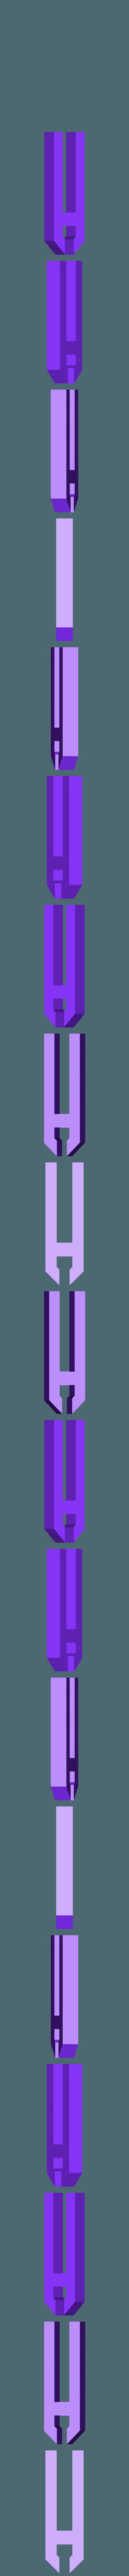 Filament_Guider_piece_1._Odirse.stl Télécharger fichier STL gratuit Guide du filament pour Mendel Prusa i3 • Plan pour imprimante 3D, niceandeasy